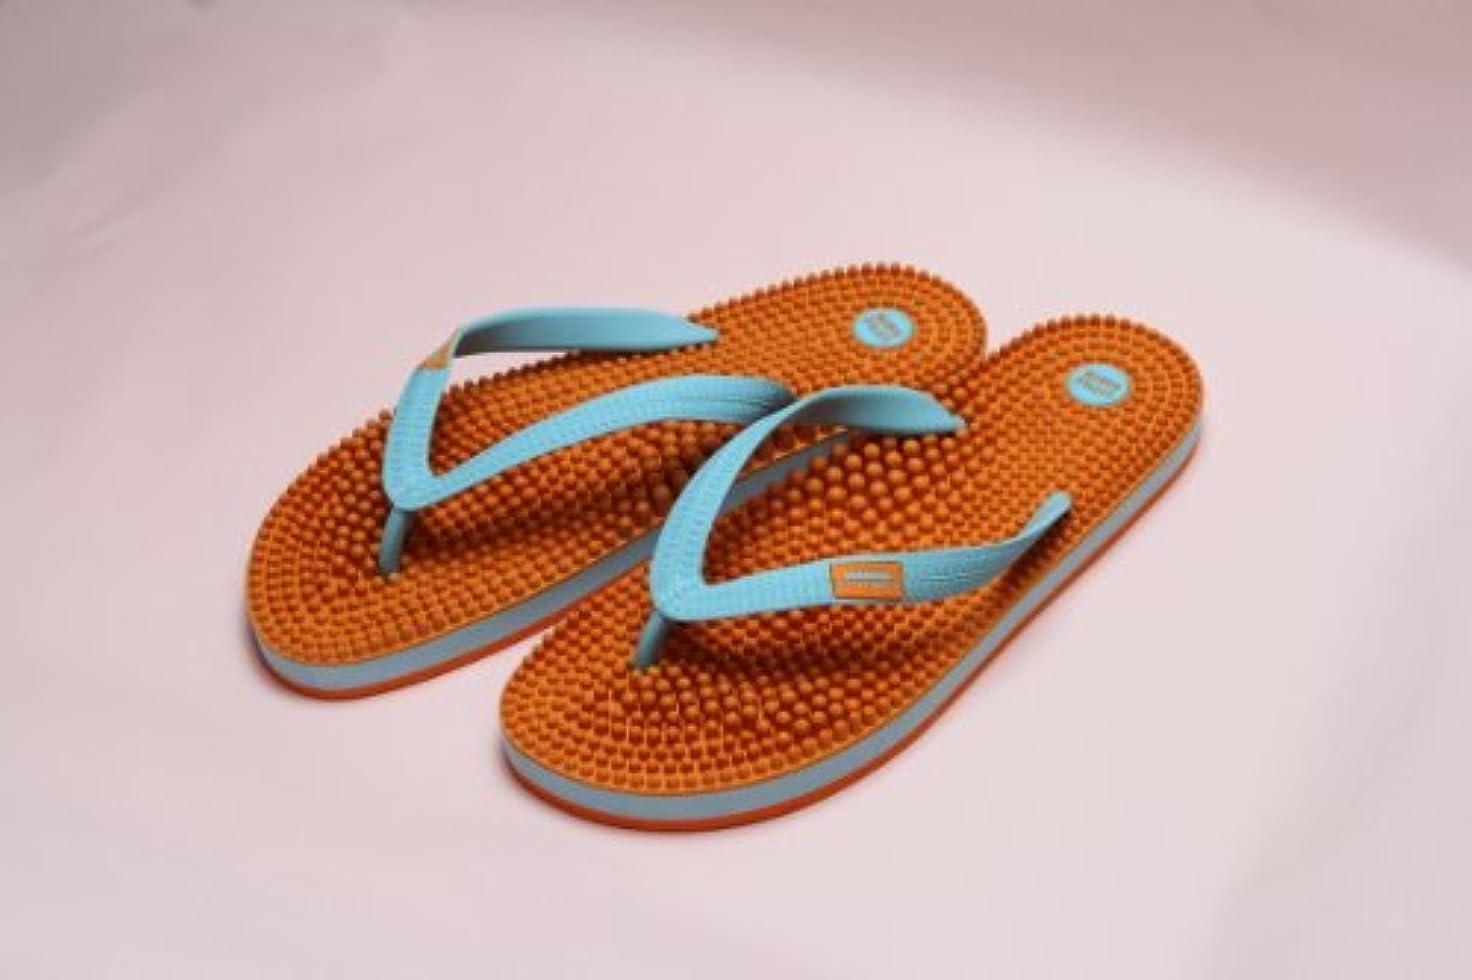 リトルアース ボディポップ(body+pop) ビーチ(BeacH) 5002 オレンジ/ターコイズ 23cm